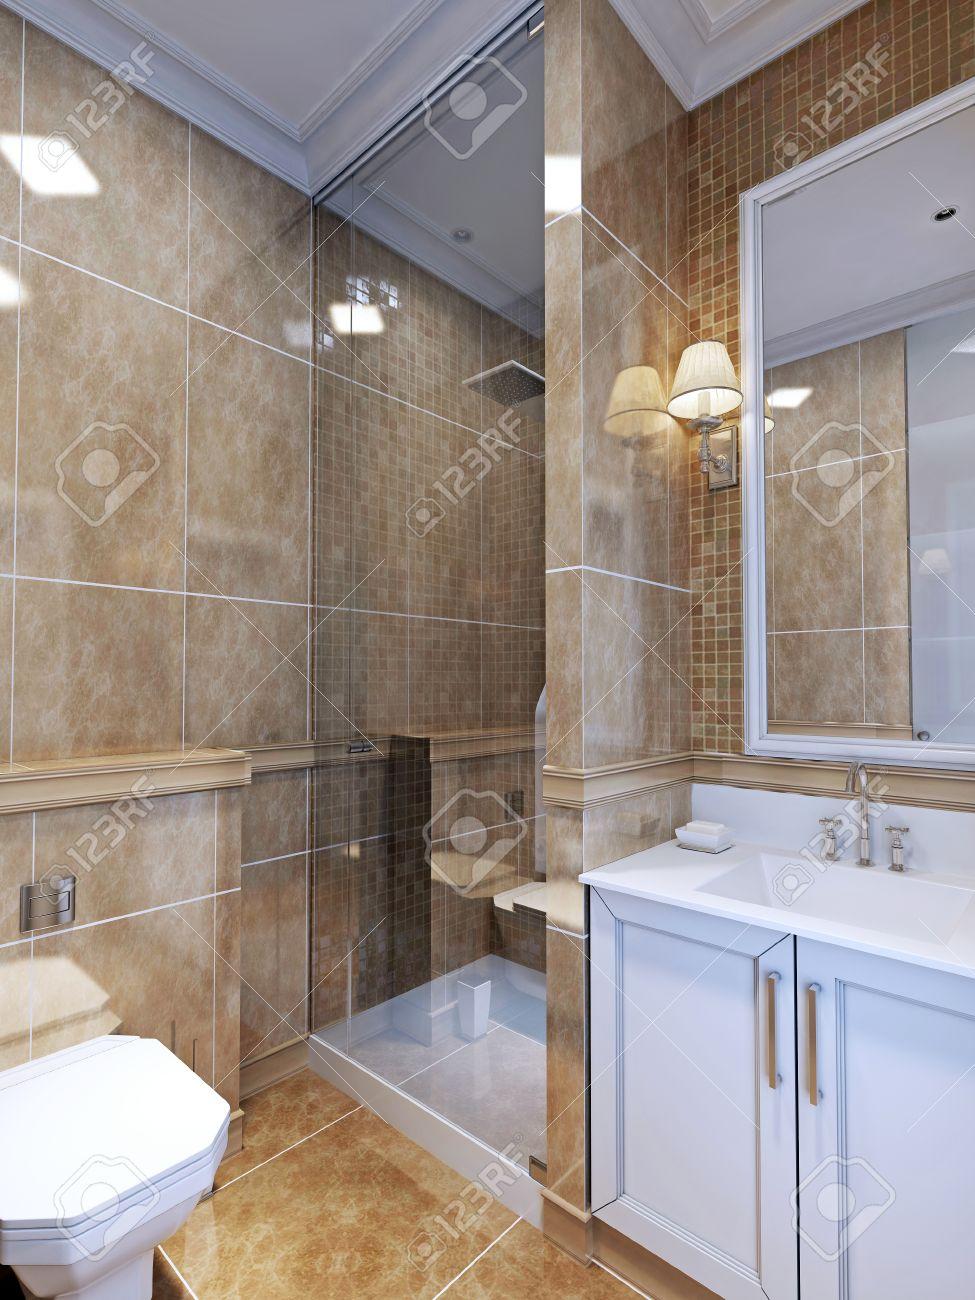 Badkamer Art Deco-stijl. Een Complete Badkamer, Dat Is Aan De Kleine ...